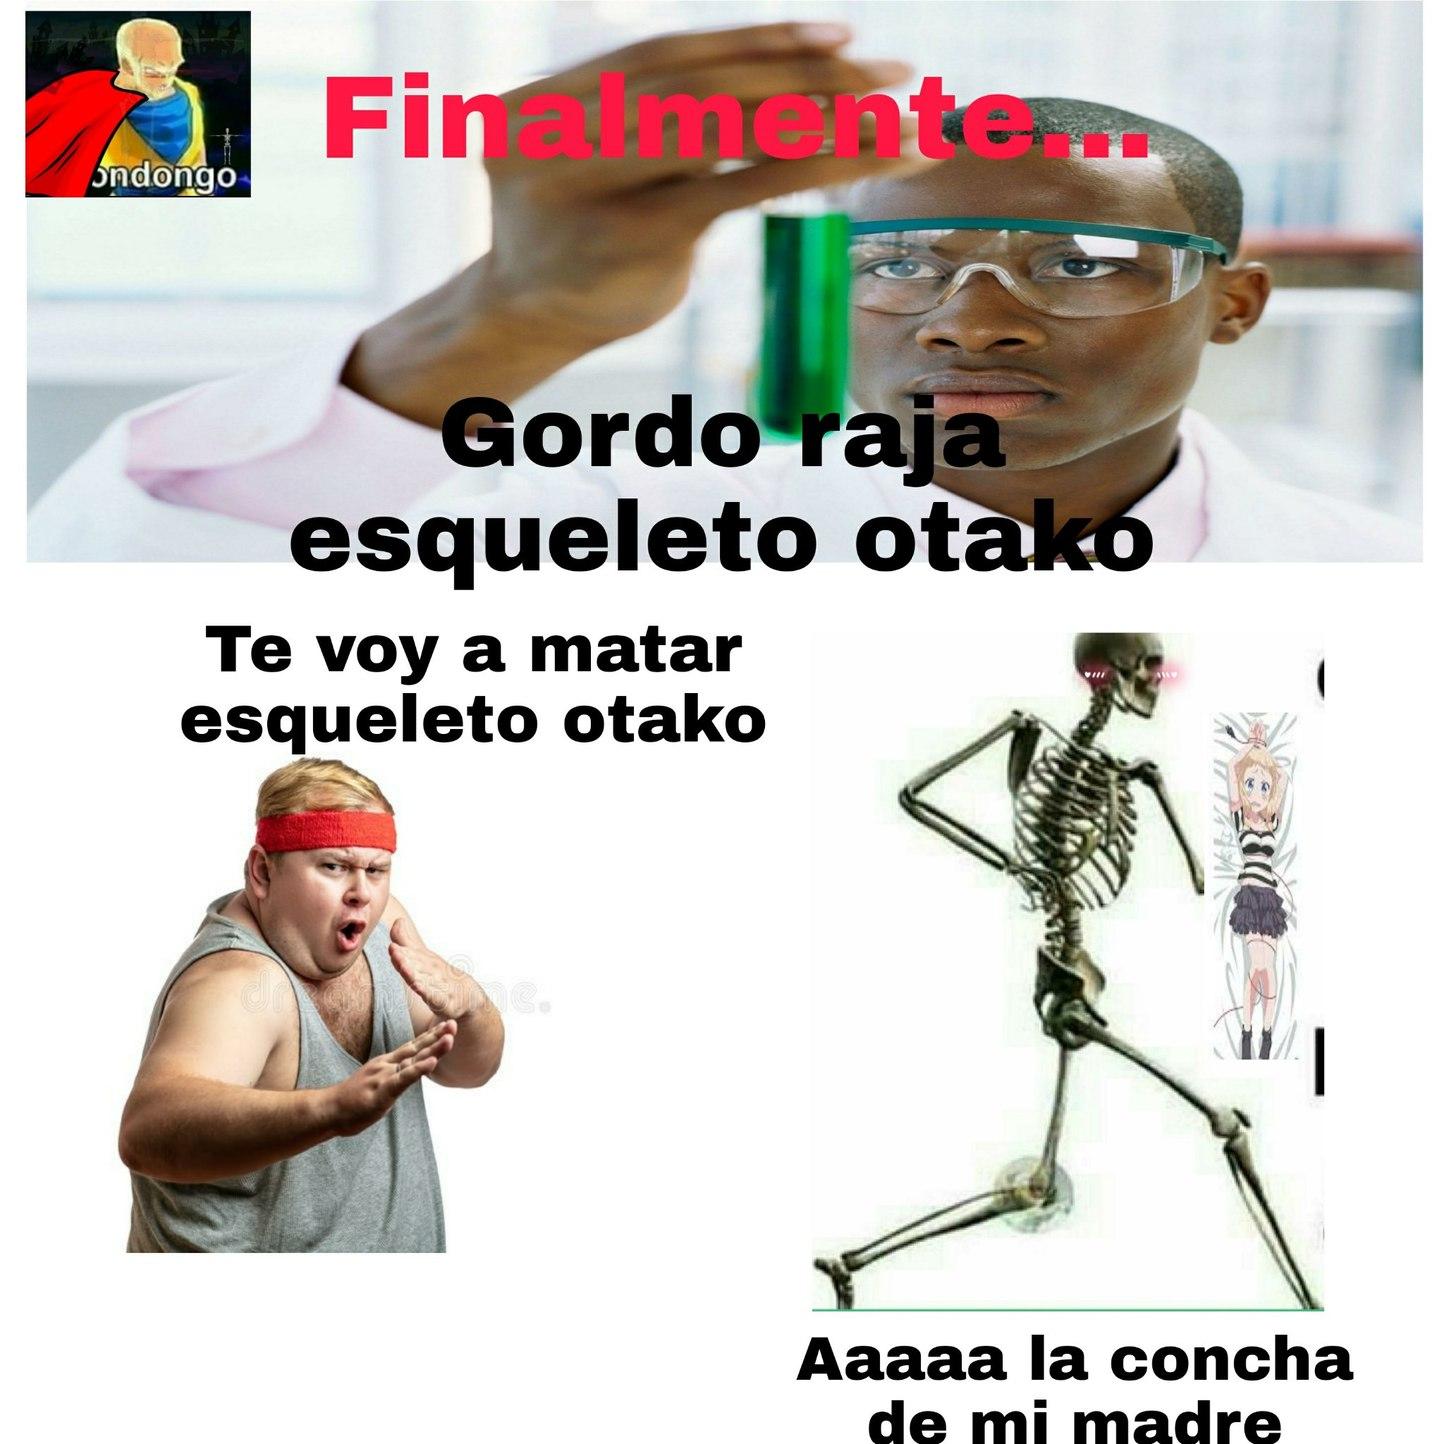 Meme 100% propio